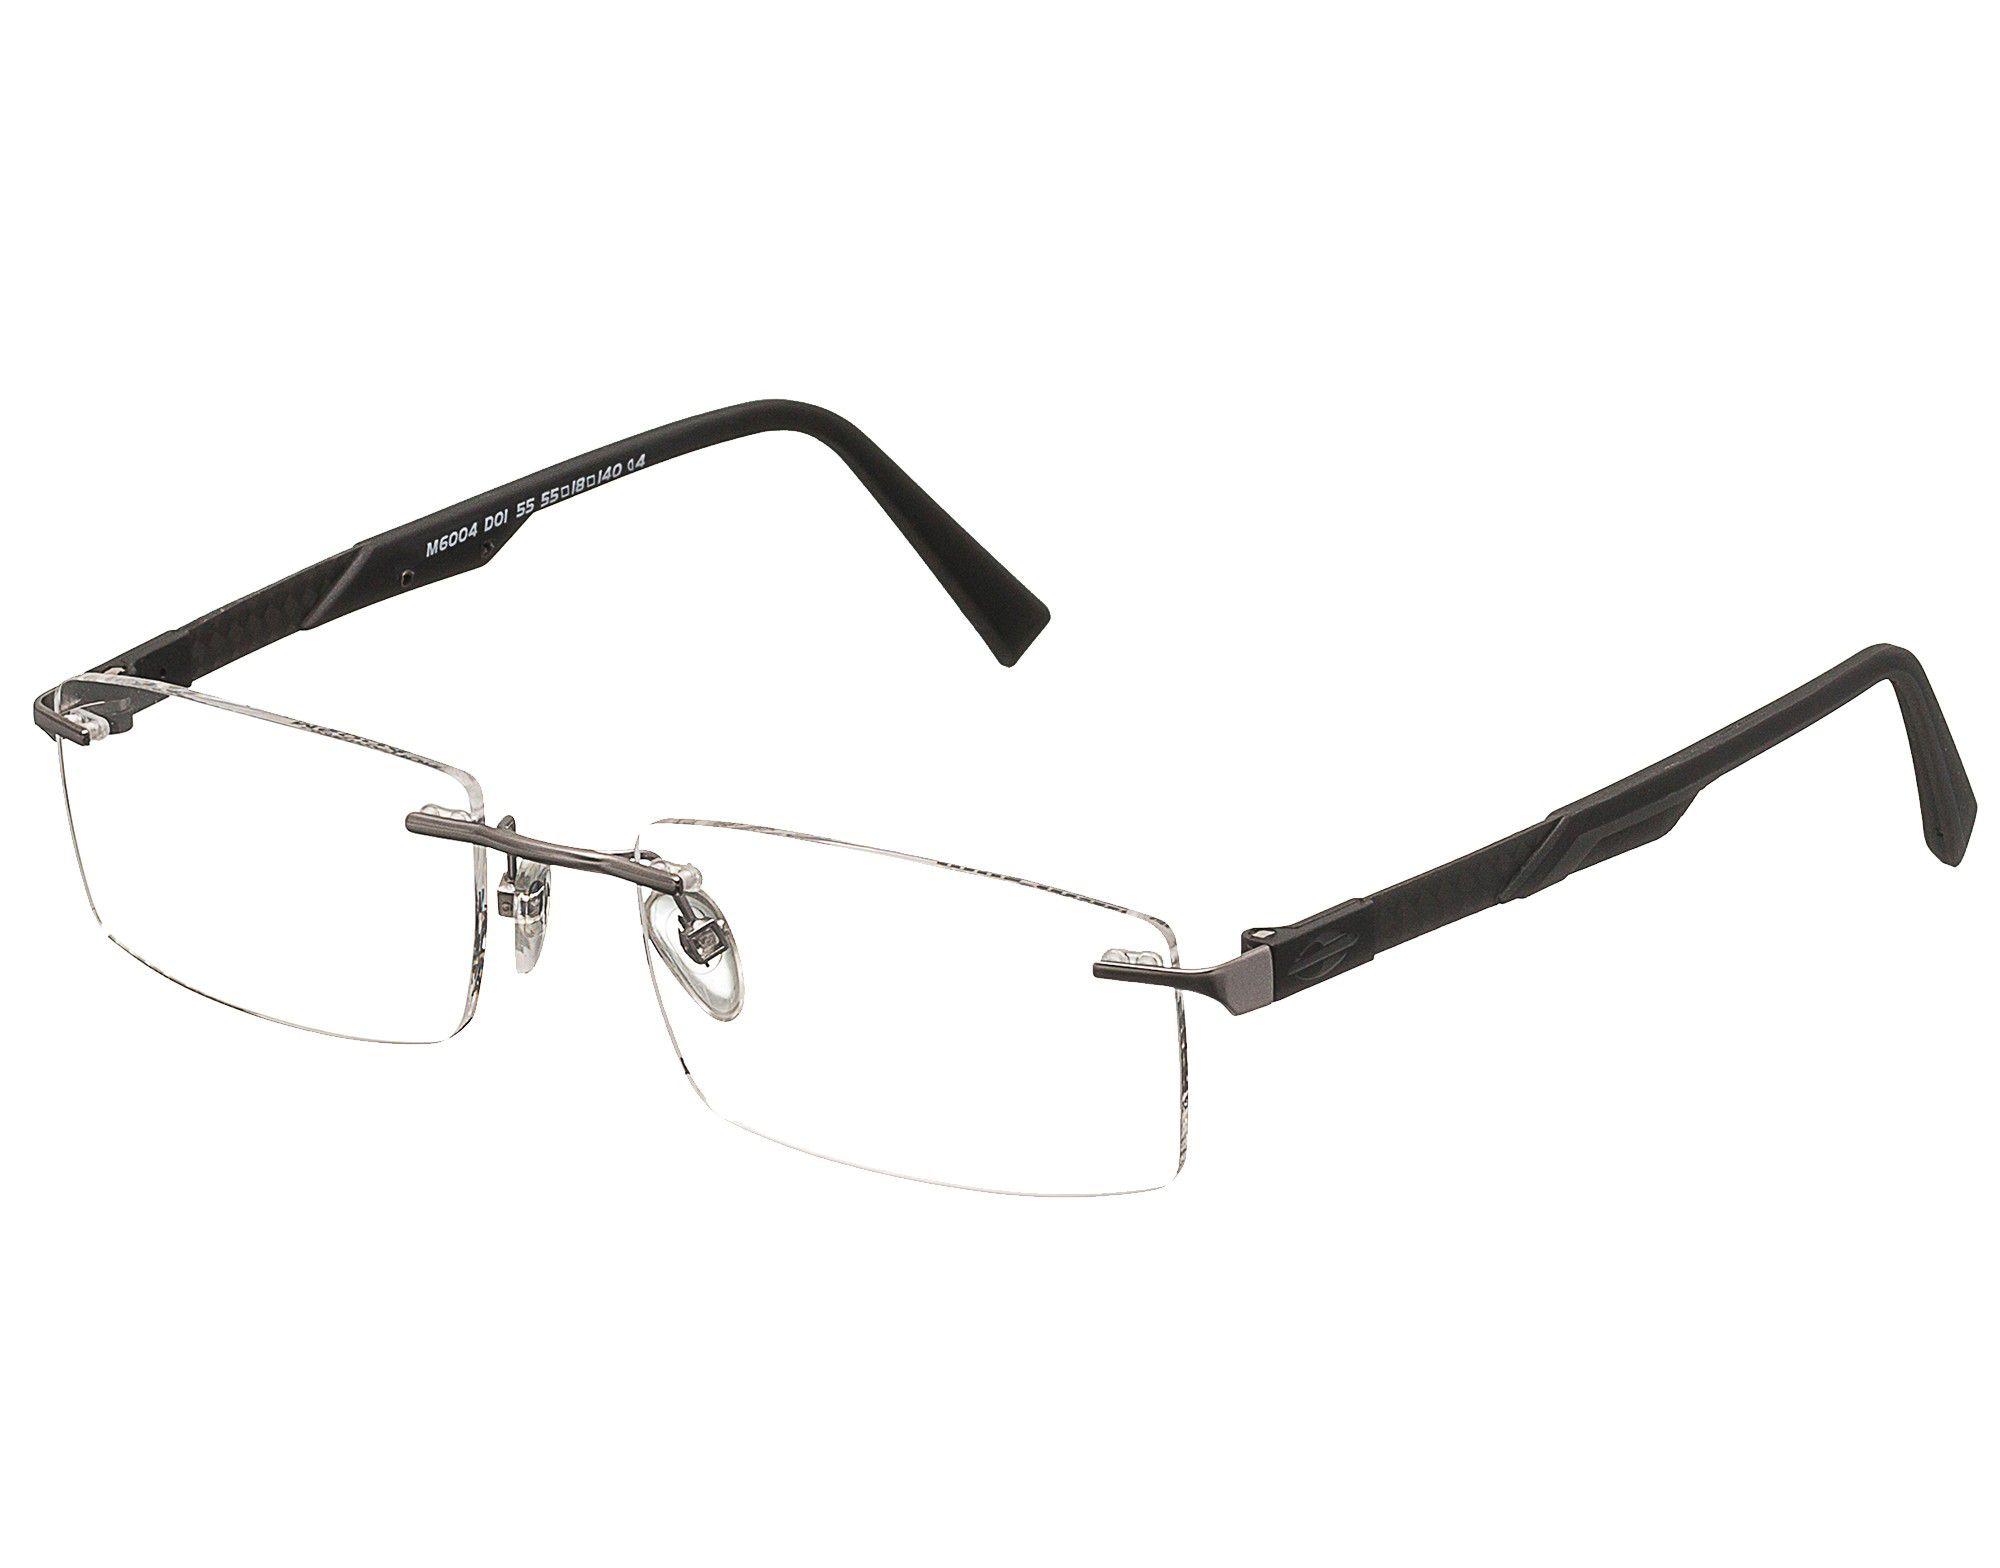 bb132f9cf Óculos de Grau Mormaii Sem Aro Carbono M6004 D01 Tam ...